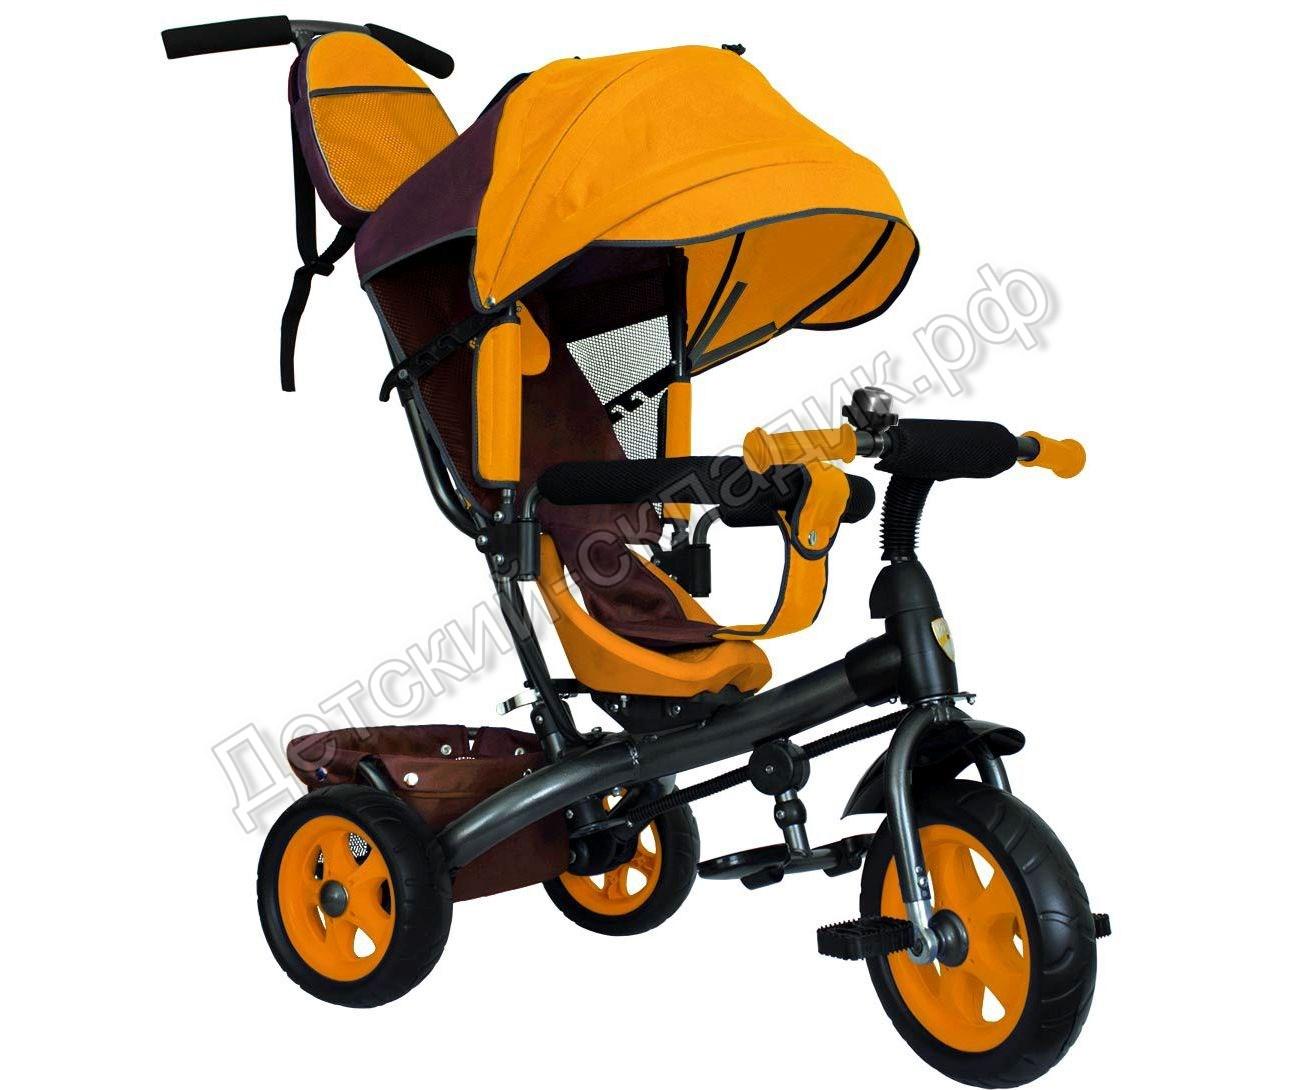 watermarked-велосипед виват желтый+коричневый_cr